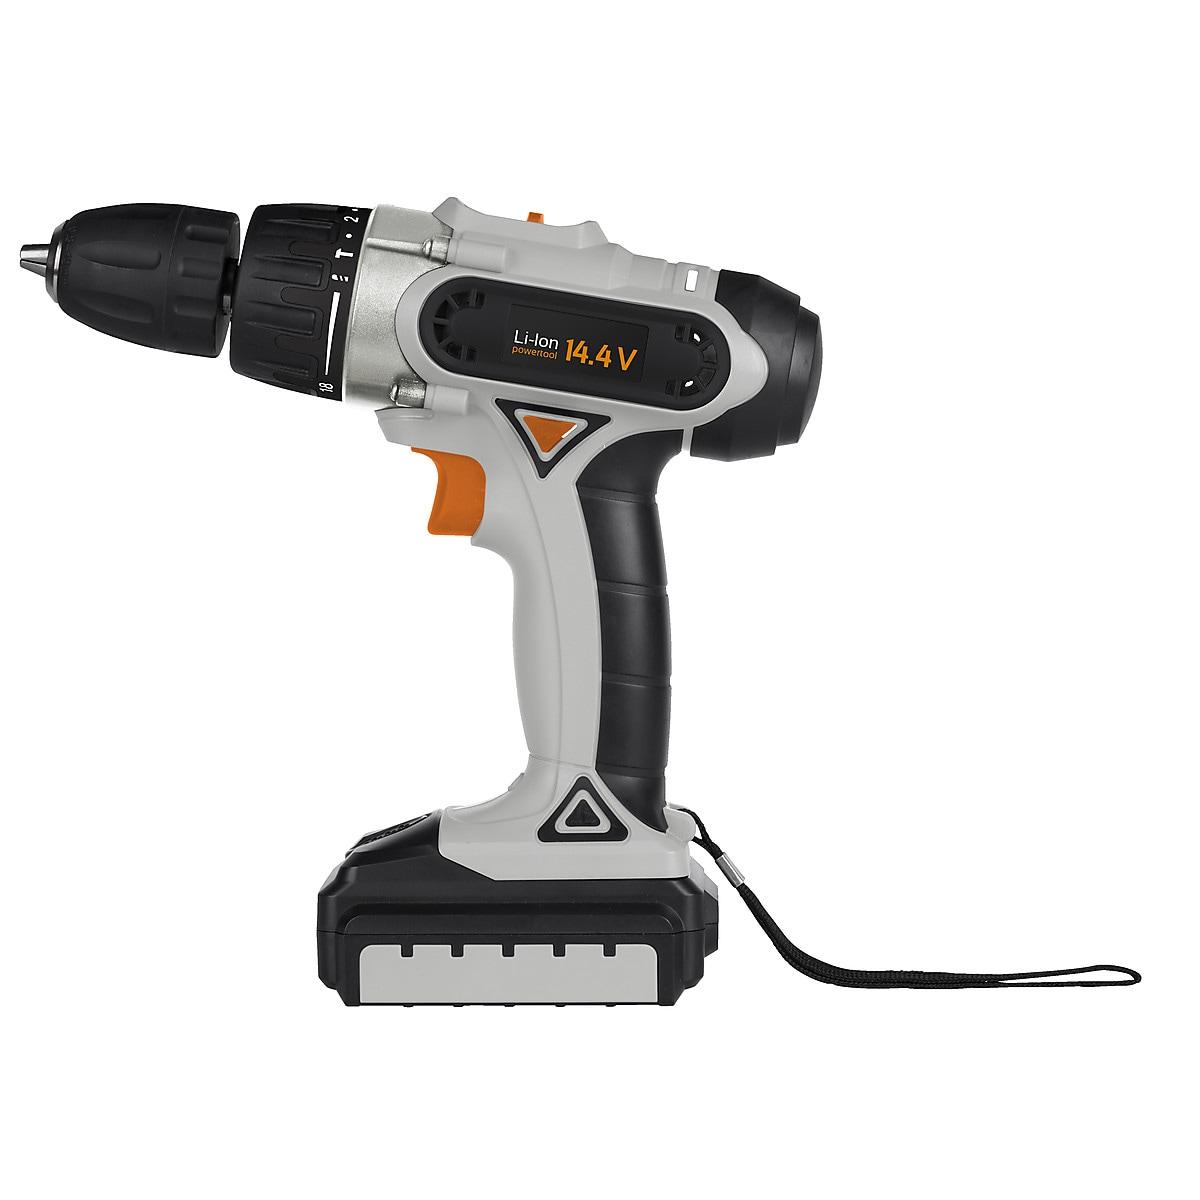 14.4 V Hammer Drill Driver